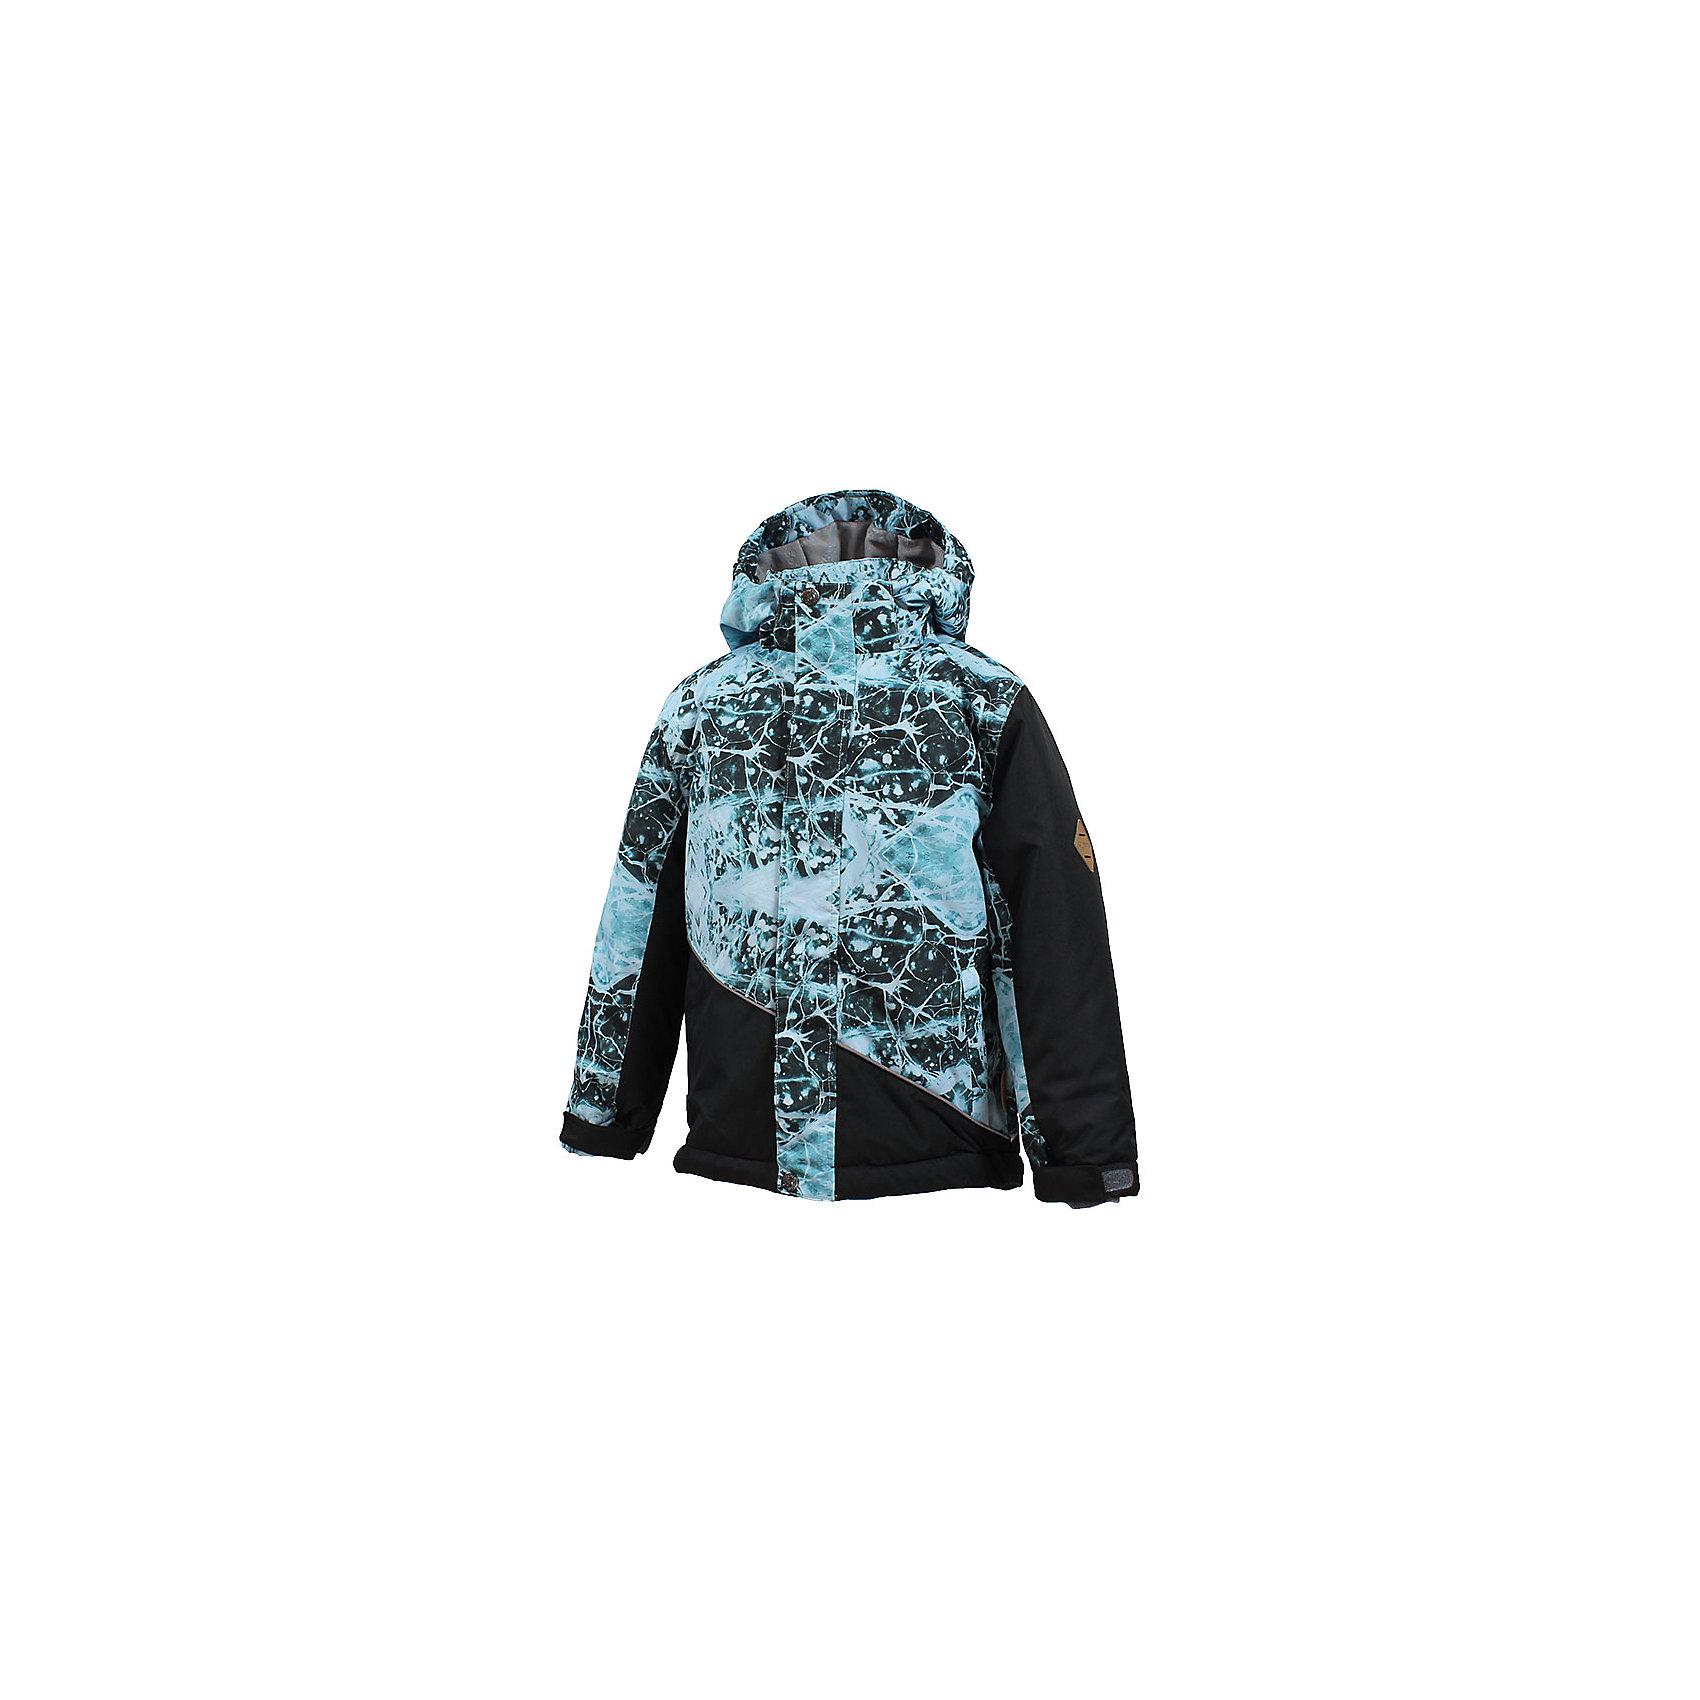 Куртка ALEX HuppaВерхняя одежда<br>Характеристики товара:<br><br>• модель: Alex;<br>• цвет: темно - зеленый принт/ черный;<br>• состав: 100% полиэстер;<br>• утеплитель:  нового поколенияHuppaTherm,300 гр.;<br>• подкладка: полиэстер, тафта, флис;<br>• сезон: зима;<br>• температурный режим: от - 5 до - 30С;<br>• водонепроницаемость: 10000 мм;<br>• воздухопроницаемость: 10000 г/м2/24ч;<br>• все швы проклеены и не пропускают влагу;<br>• защитная планка молнии на липучке;<br>• защита подбородка от защемления;<br>• наличие внутренней снегозащиты куртки;<br>• капюшон крепится на кнопки и, при необходимости, отстегивается;<br>• эластичный шнур с фиксатором;<br>• карманы застегиваются на молнию;<br>• светоотражающие элементы в для безопасности ребенка;<br>• регулируемые рукава на липучке с дополнительным вязаным манжетом внутри; <br>• страна бренда: Финляндия;<br>• страна изготовитель: Эстония.<br><br>Куртка Alex  для мальчика изготовлена из водо и ветронепроницаемого, грязеотталкивающего материала. В куртке Alex 300 грамм утеплителя, которые обеспечат тепло и комфорт ребенку при температуре от -5 до -30 градусов.Подкладка —полиэстер, тафта, флис.<br><br>Функциональные элементы: капюшон отстегивается с помощью кнопок, защитная планка молнии на кнопках, защита подбородка от защемления, наличие внутренней снегозащиты куртки,эластичный шнур с фиксатором, карманы застегиваются на молнию,  регулируемые рукава на липучке с дополнительным вязаным манжетом внутри, все швы проклеены и не пропускают влагу,светоотражающие элементы. <br><br>Куртку Alex для мальчика бренда HUPPA  можно купить в нашем интернет-магазине.<br><br>Ширина мм: 356<br>Глубина мм: 10<br>Высота мм: 245<br>Вес г: 519<br>Цвет: зеленый<br>Возраст от месяцев: 168<br>Возраст до месяцев: 180<br>Пол: Унисекс<br>Возраст: Детский<br>Размер: 170,104,110,116,122,128,134,140,146,152,158,164<br>SKU: 7025005